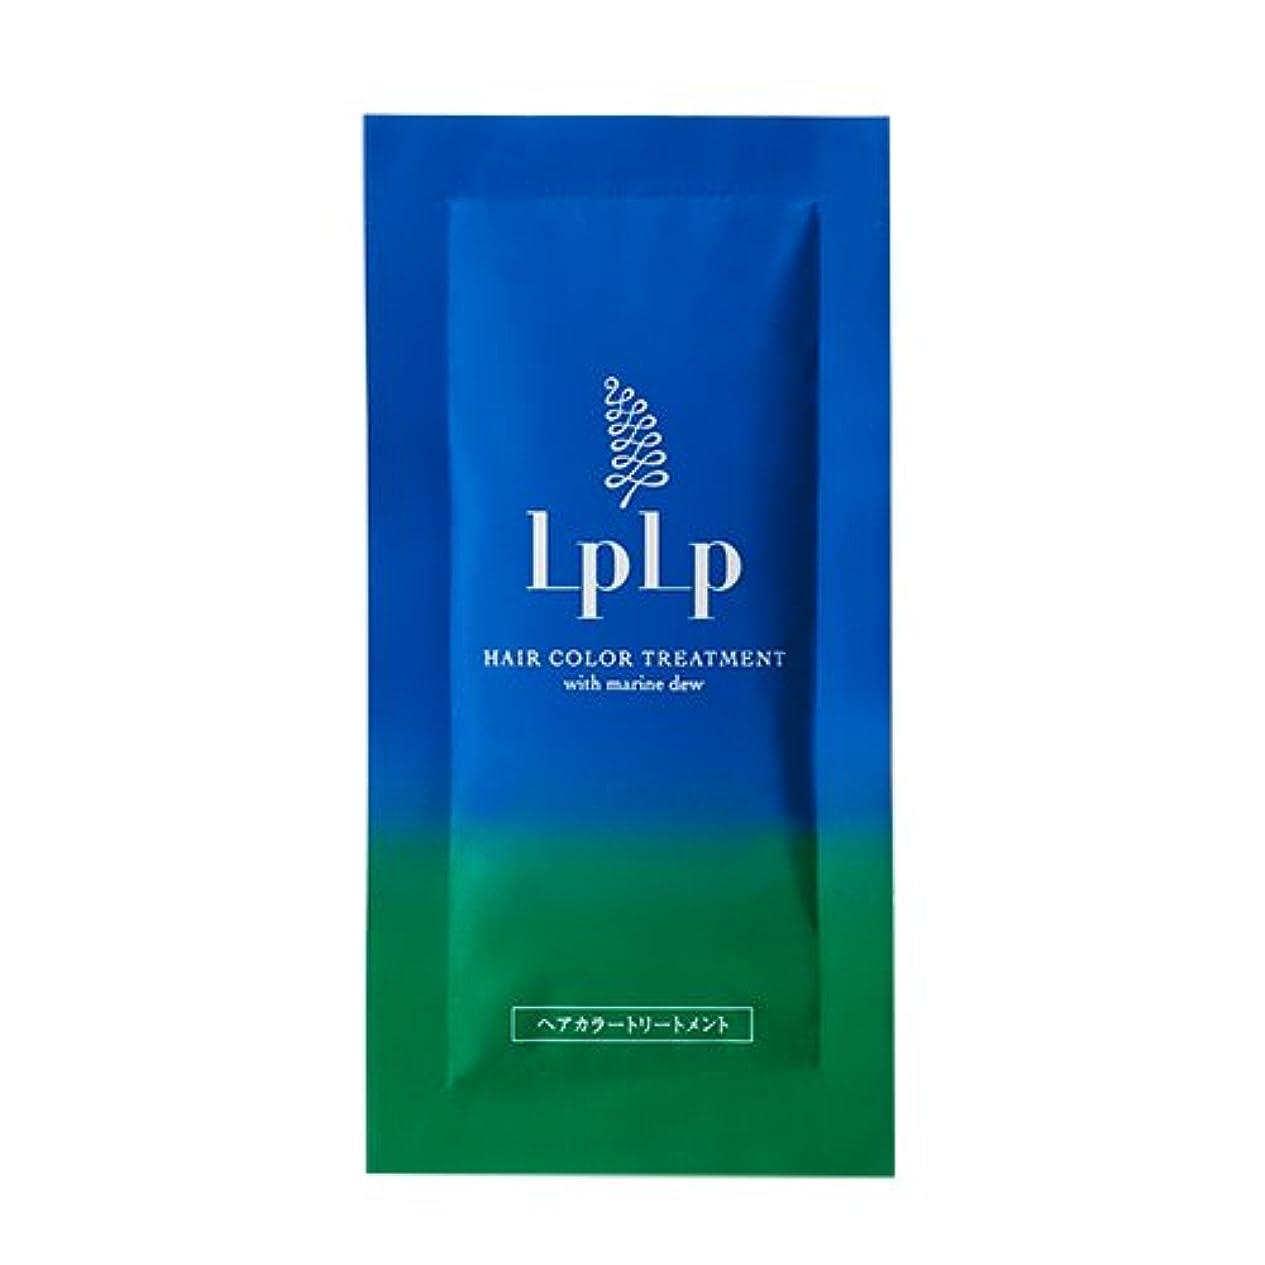 時露対抗LPLP(ルプルプ)ヘアカラートリートメントお試しパウチ ダークブラウン